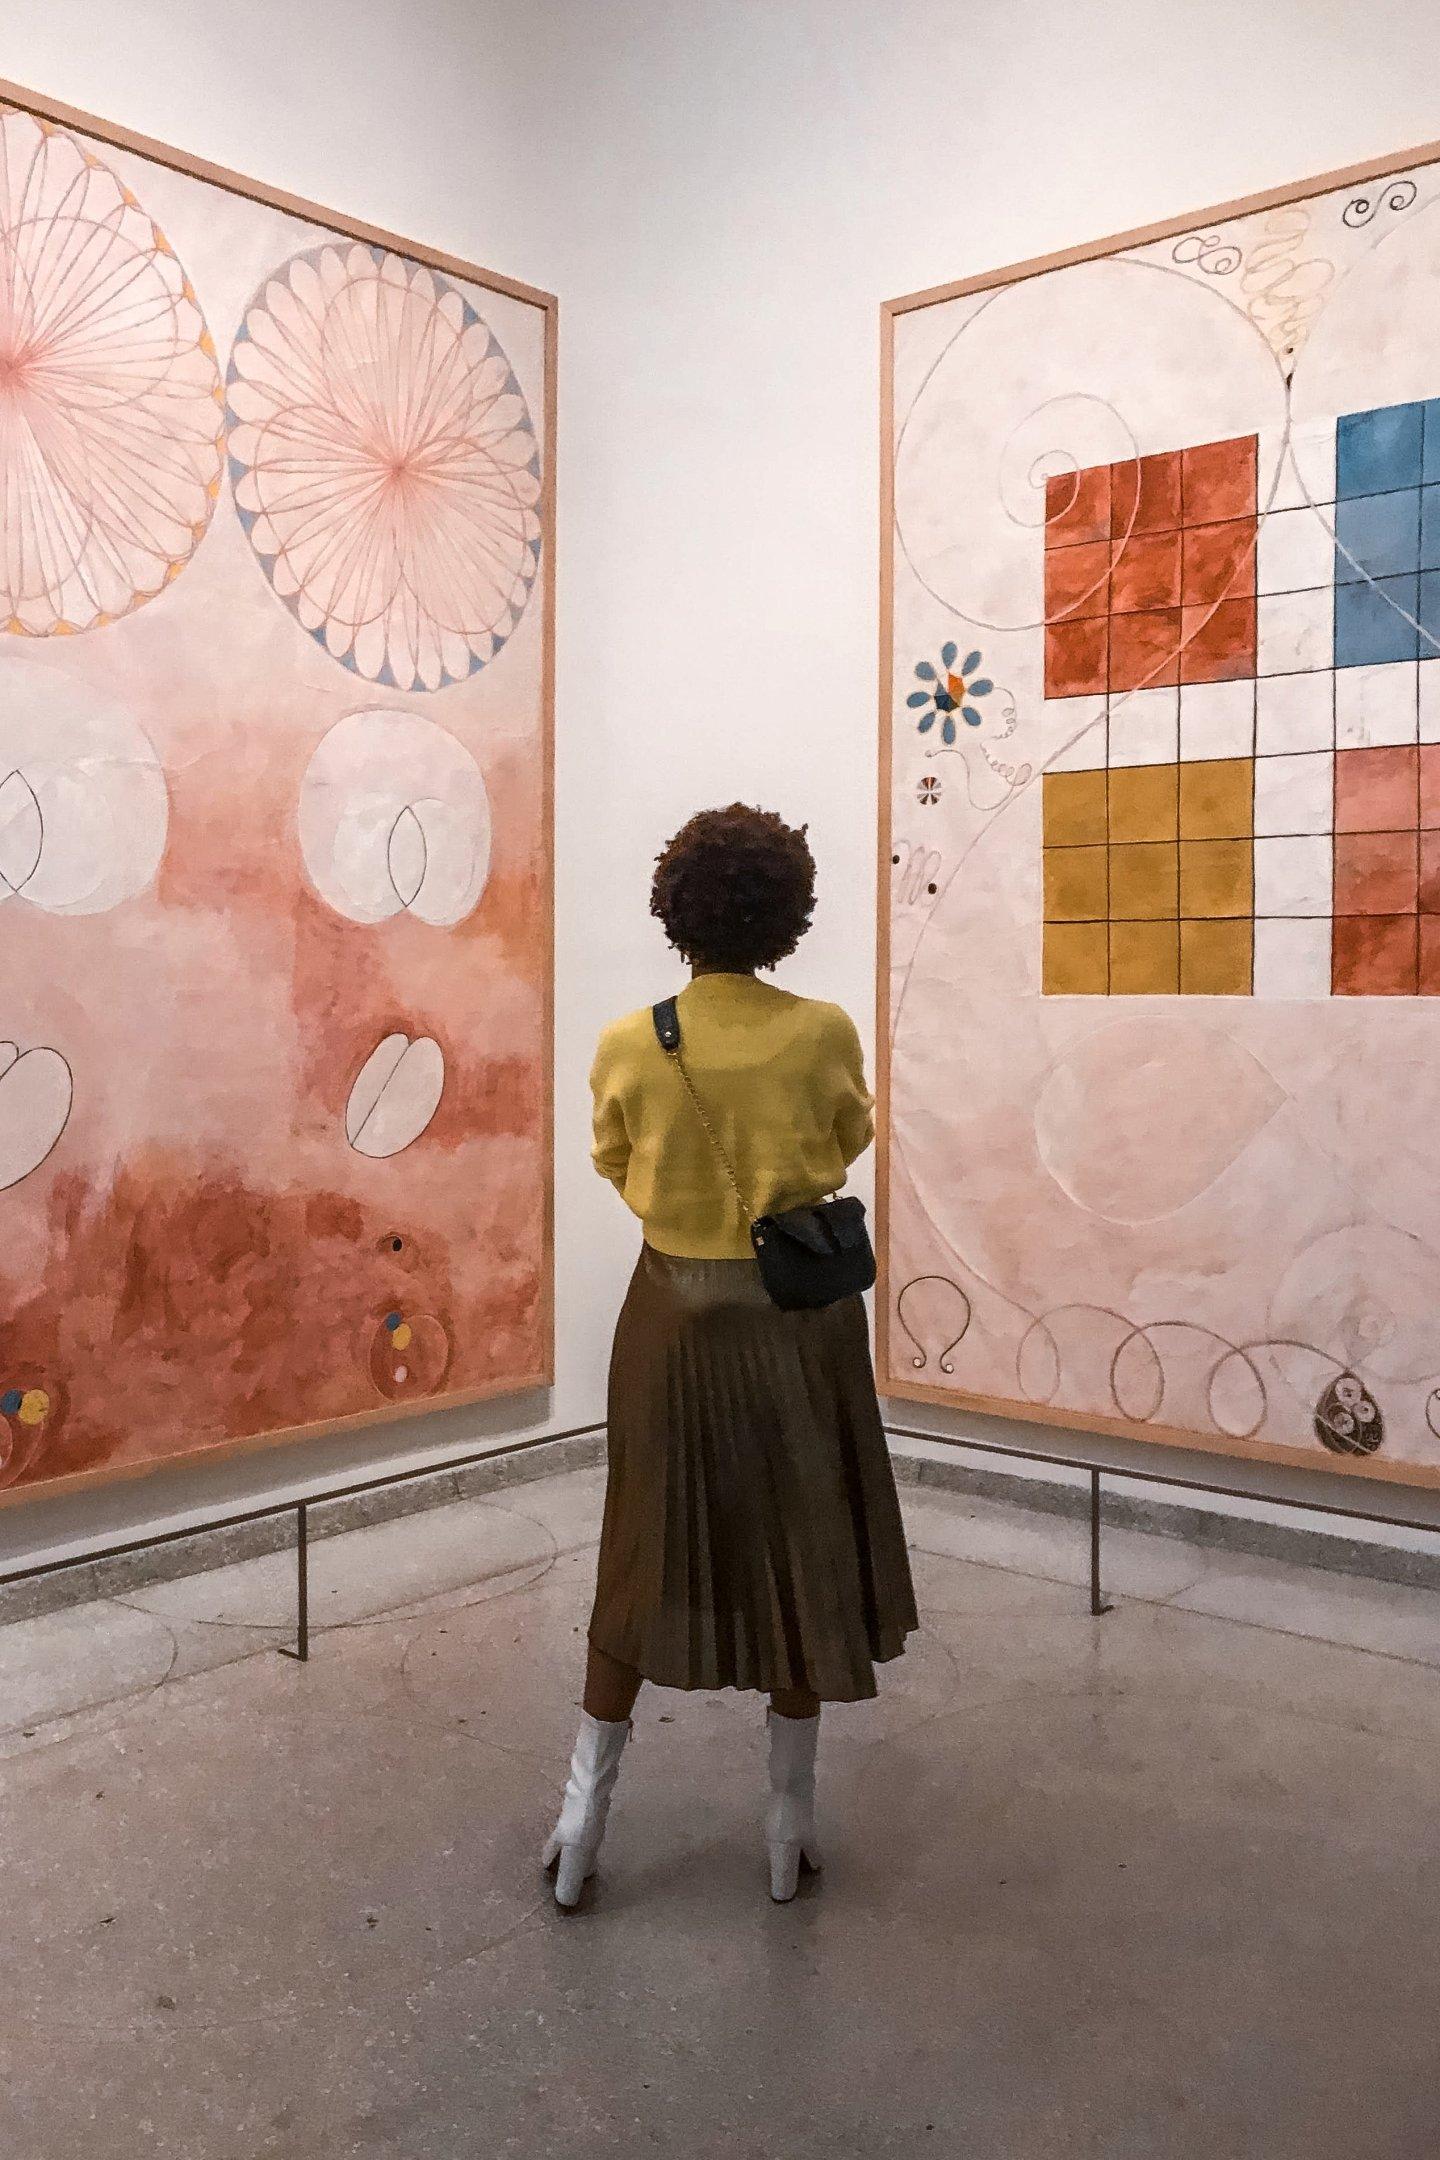 Hima af Klint at the Guggenheim